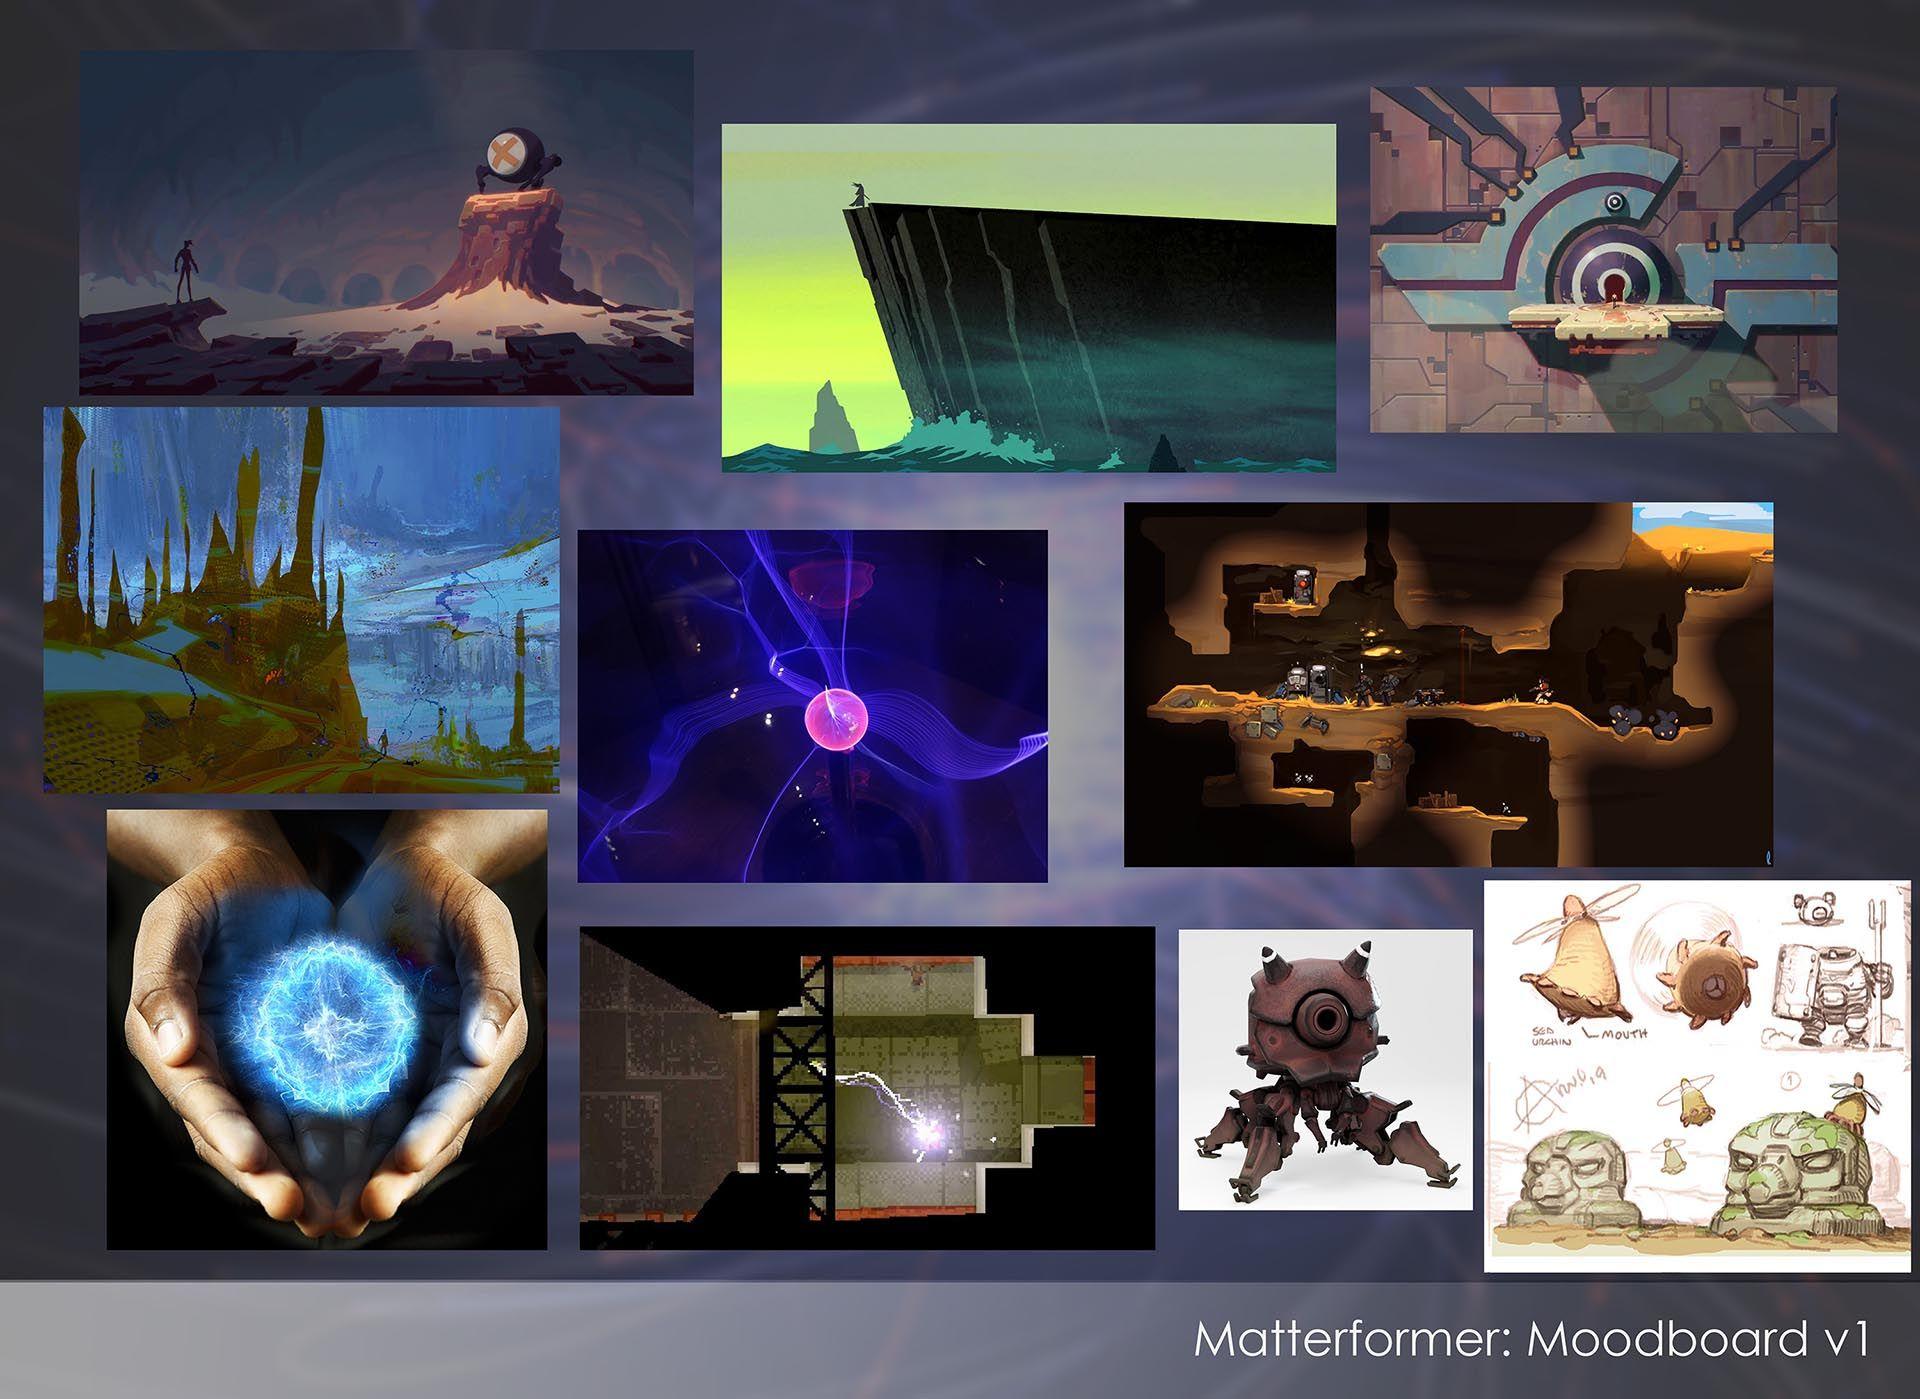 matterformer03 (1).jpg